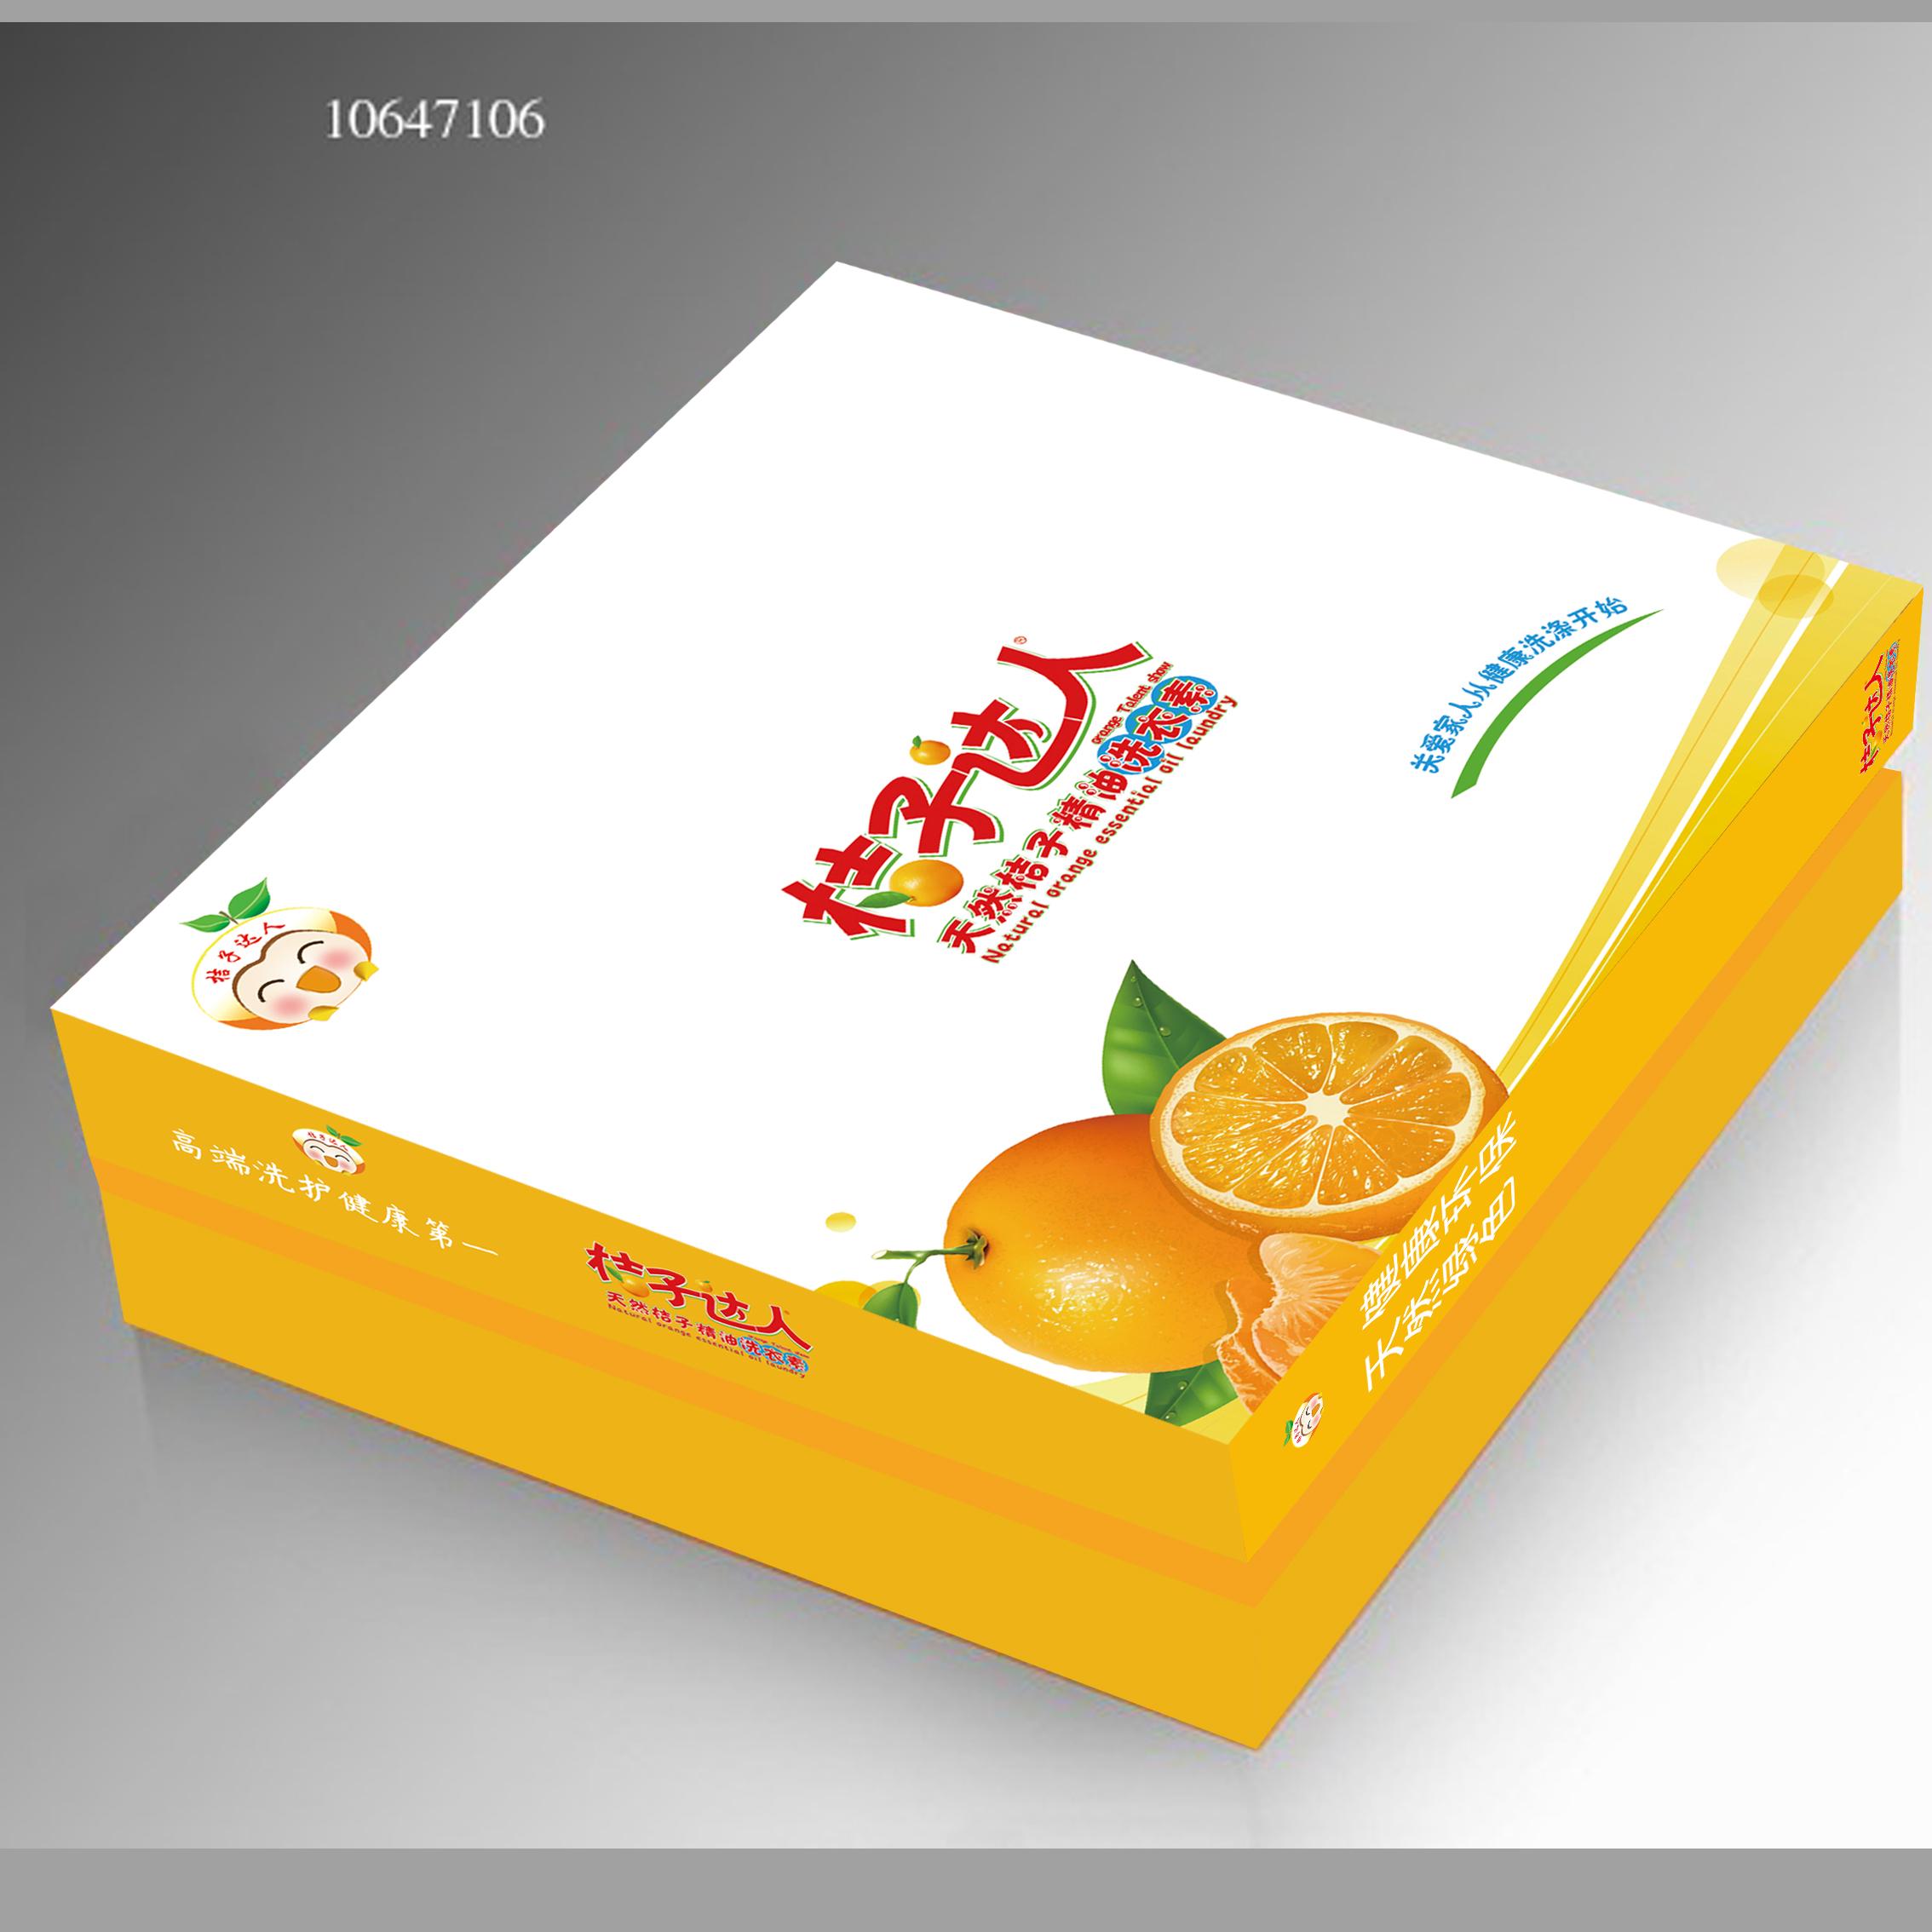 产品包装盒立体展示.